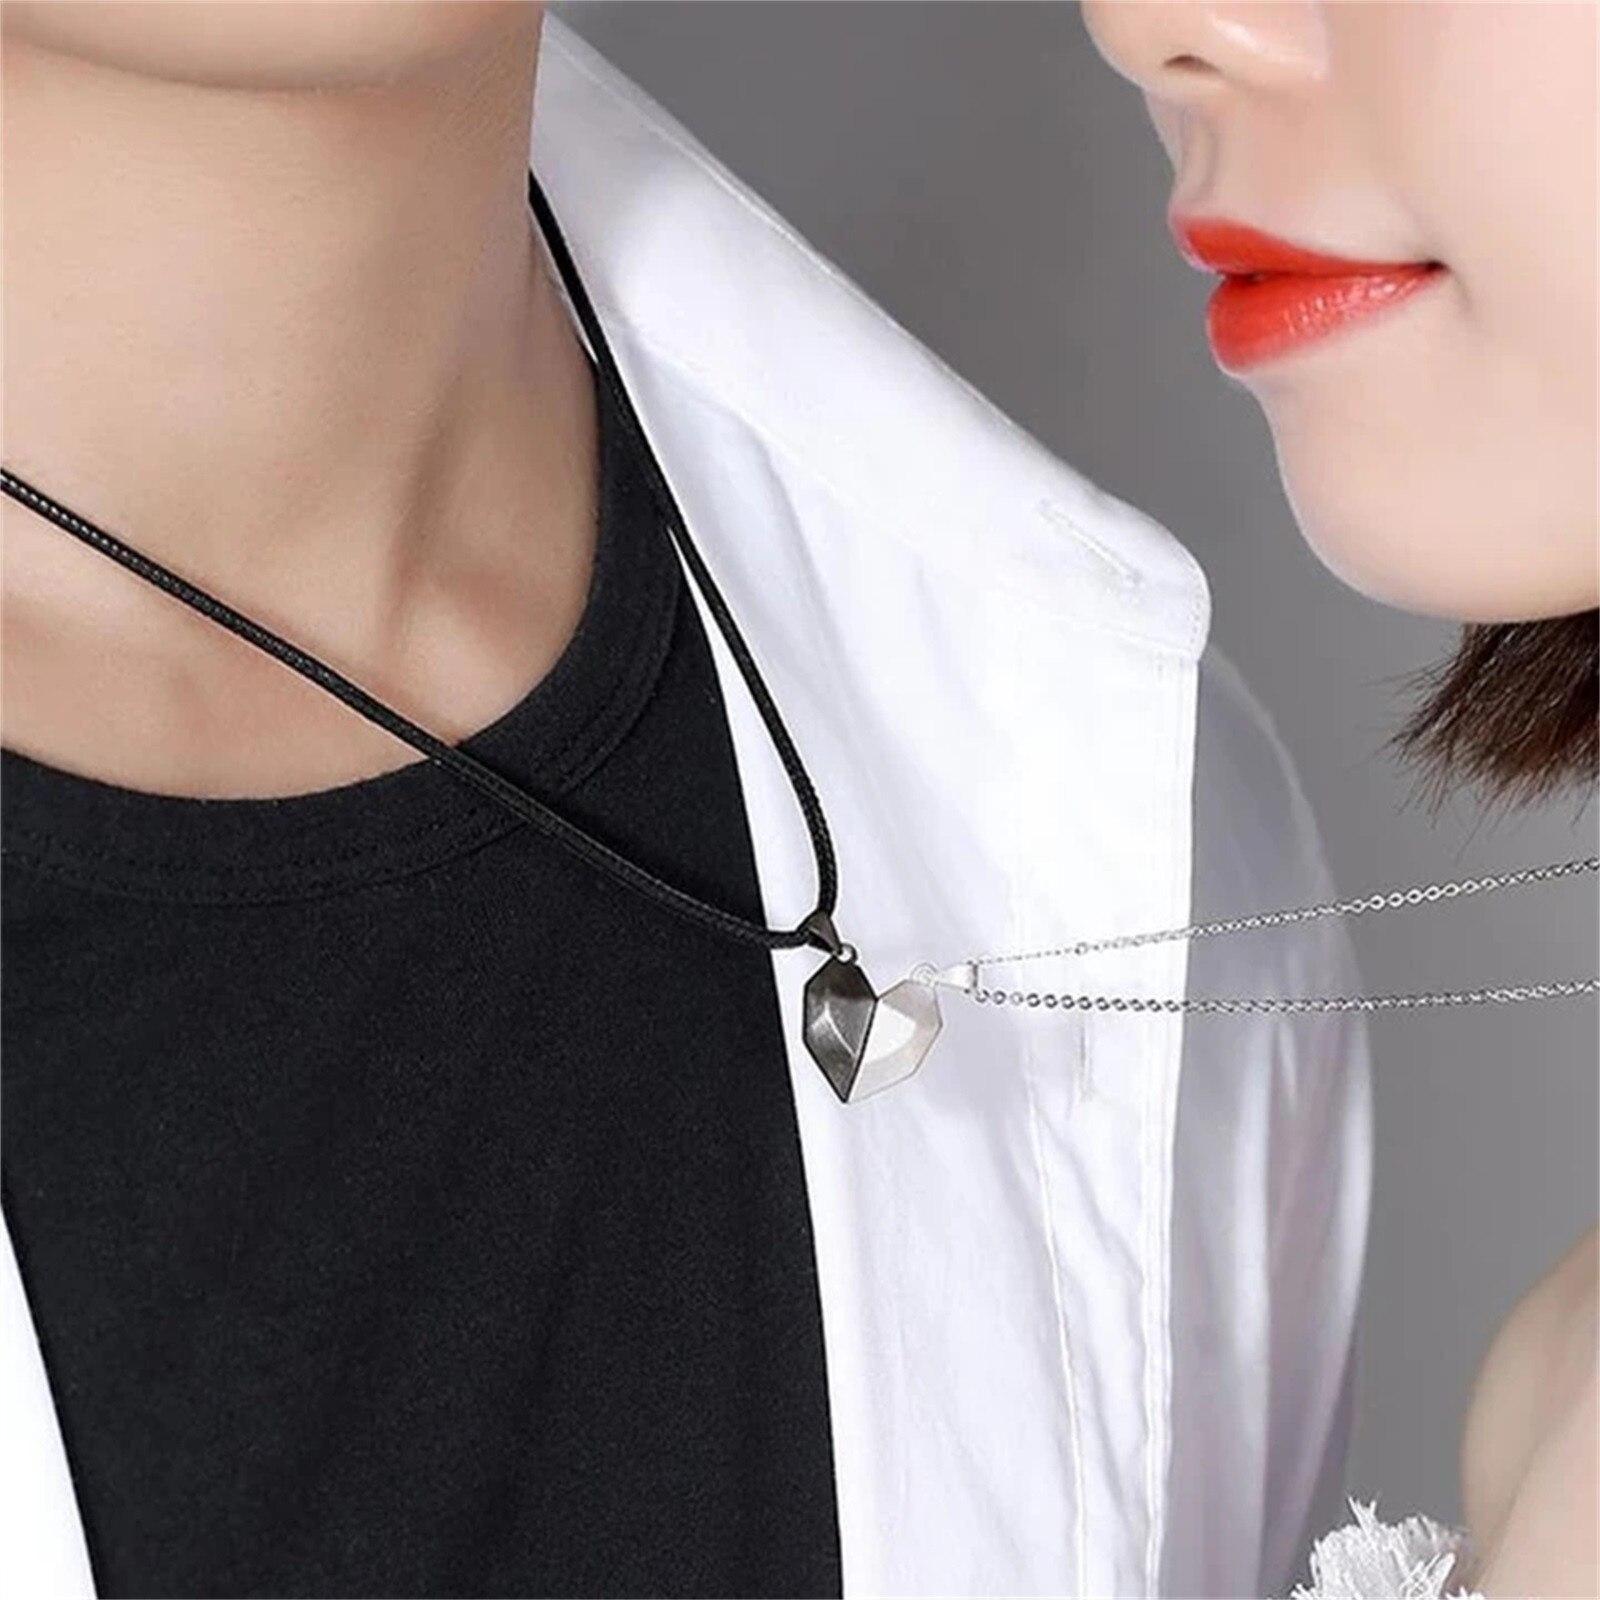 Ожерелье для пары, сшитое креативное Ожерелье, Ожерелье с фрагментами любви для пары, креативный продукт Ожерелье, модная Личность